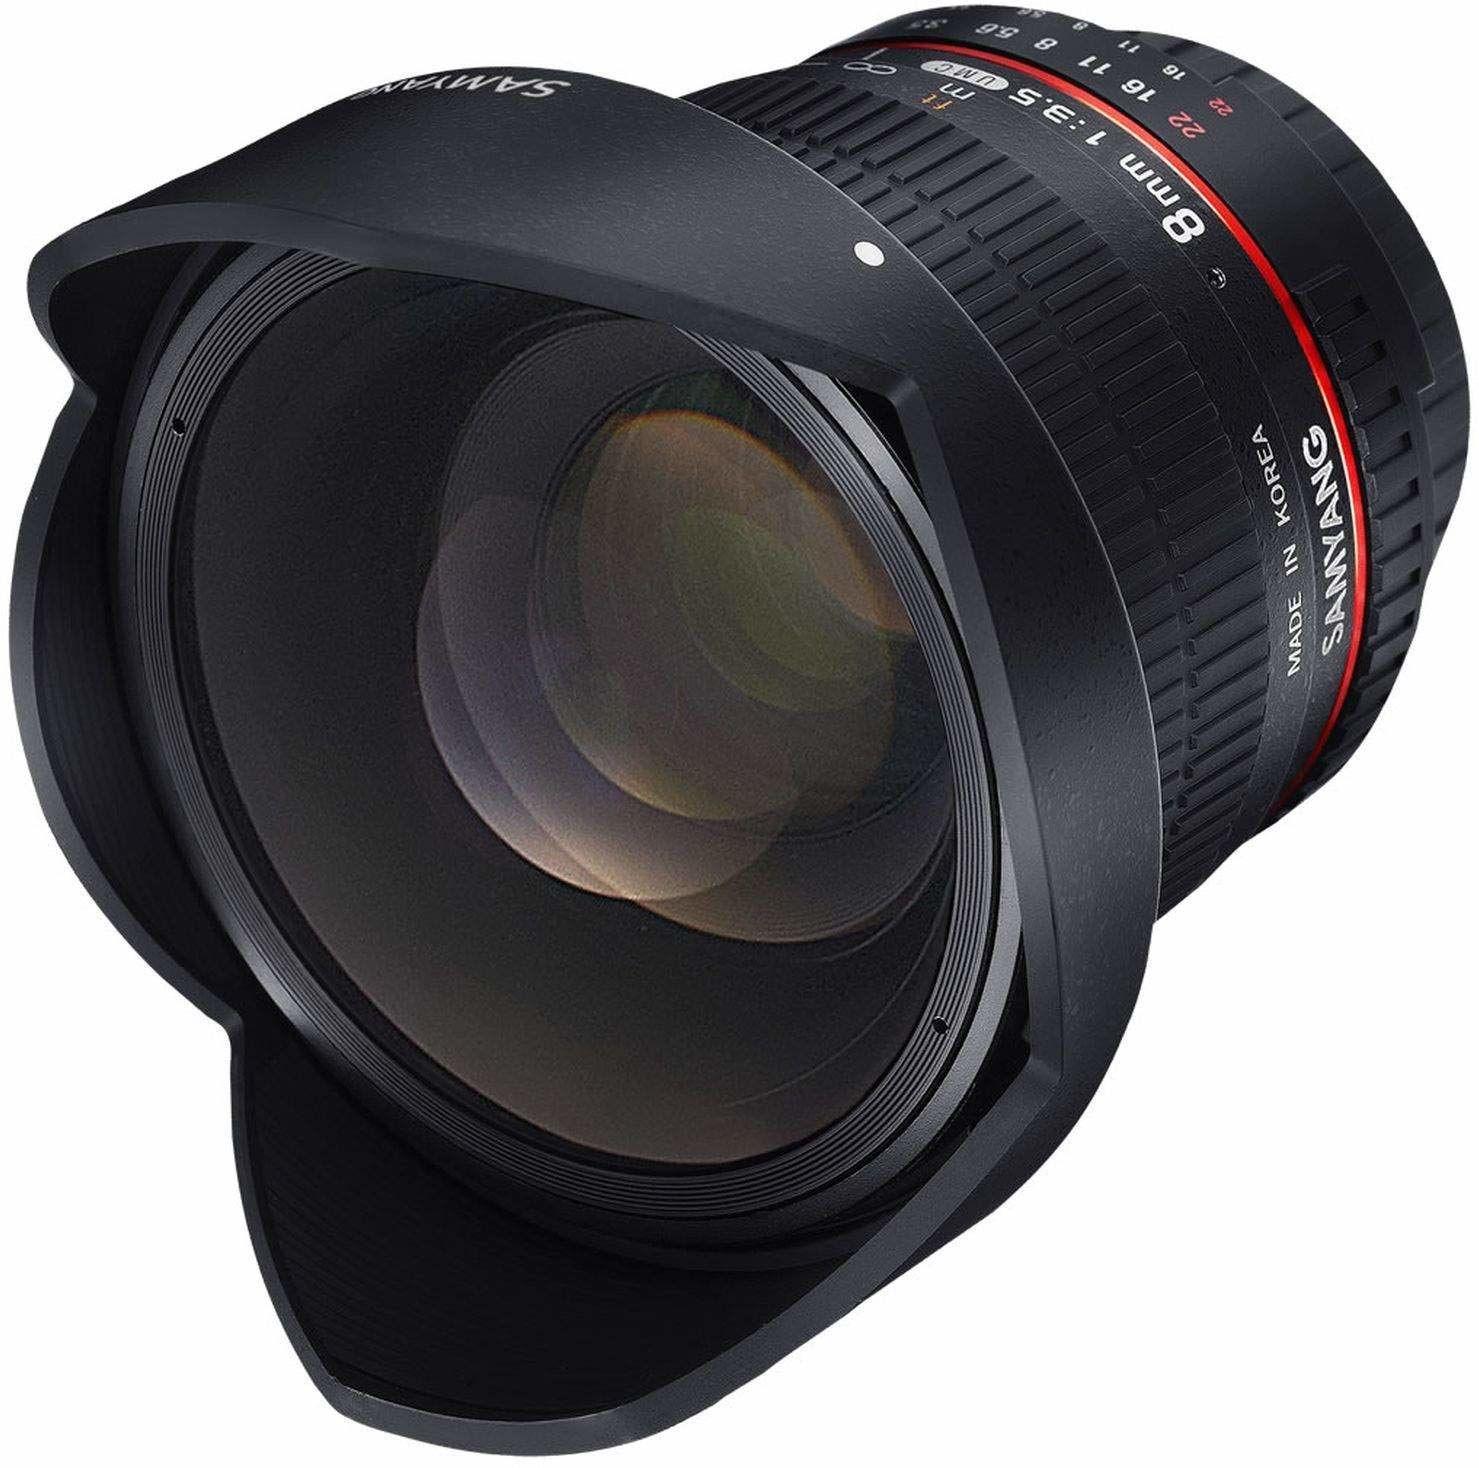 Samyang 8 mm F3.5 CS II obiektyw do podłączenia Sony E